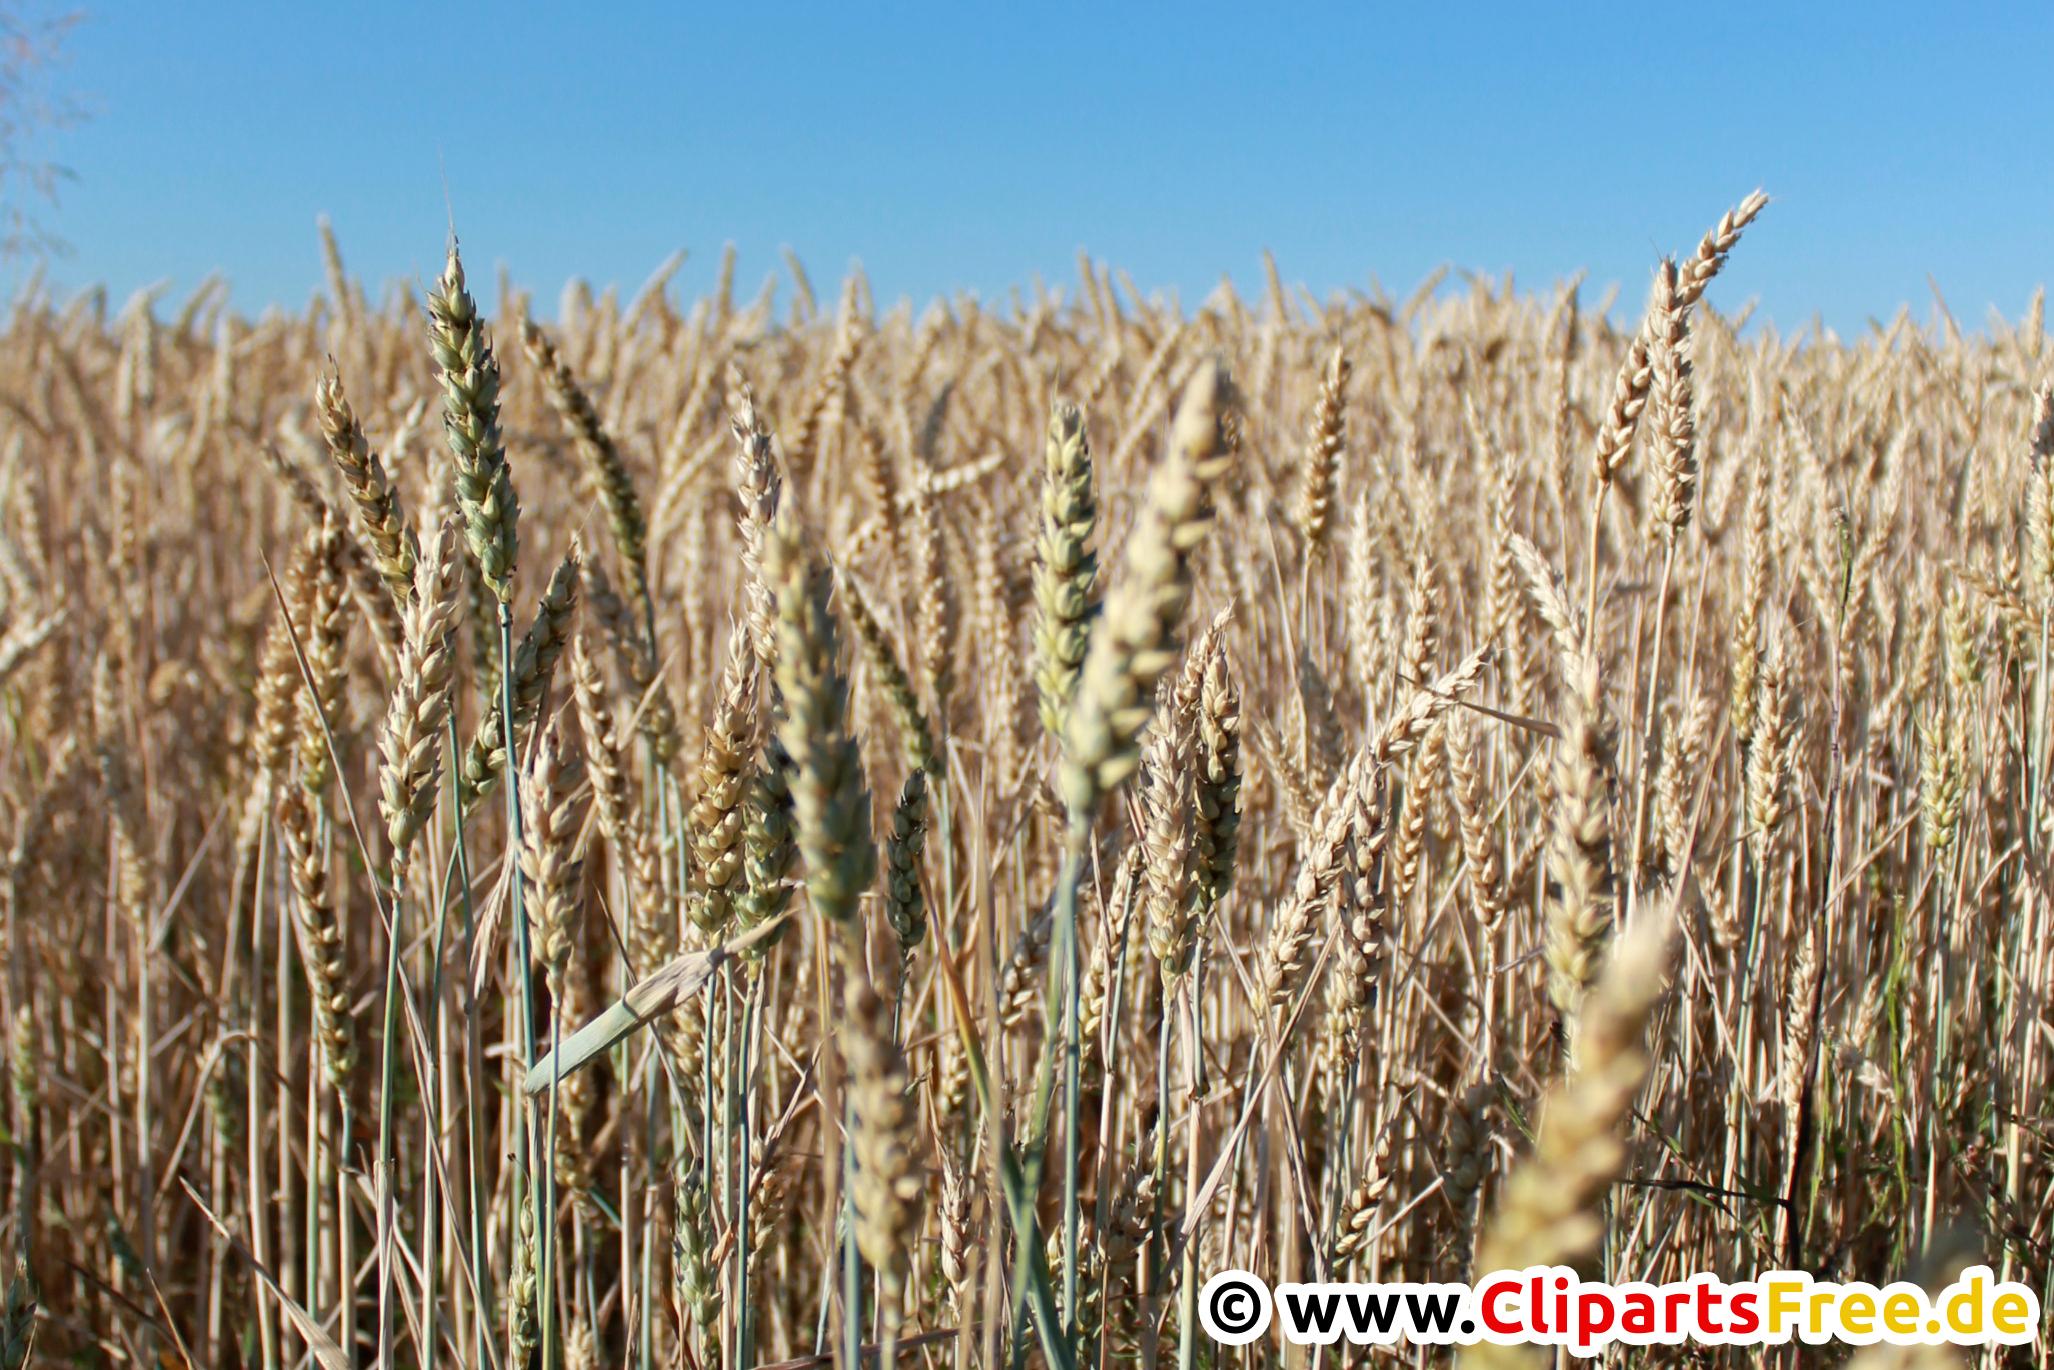 Getreide Foto, Bild kostenlos